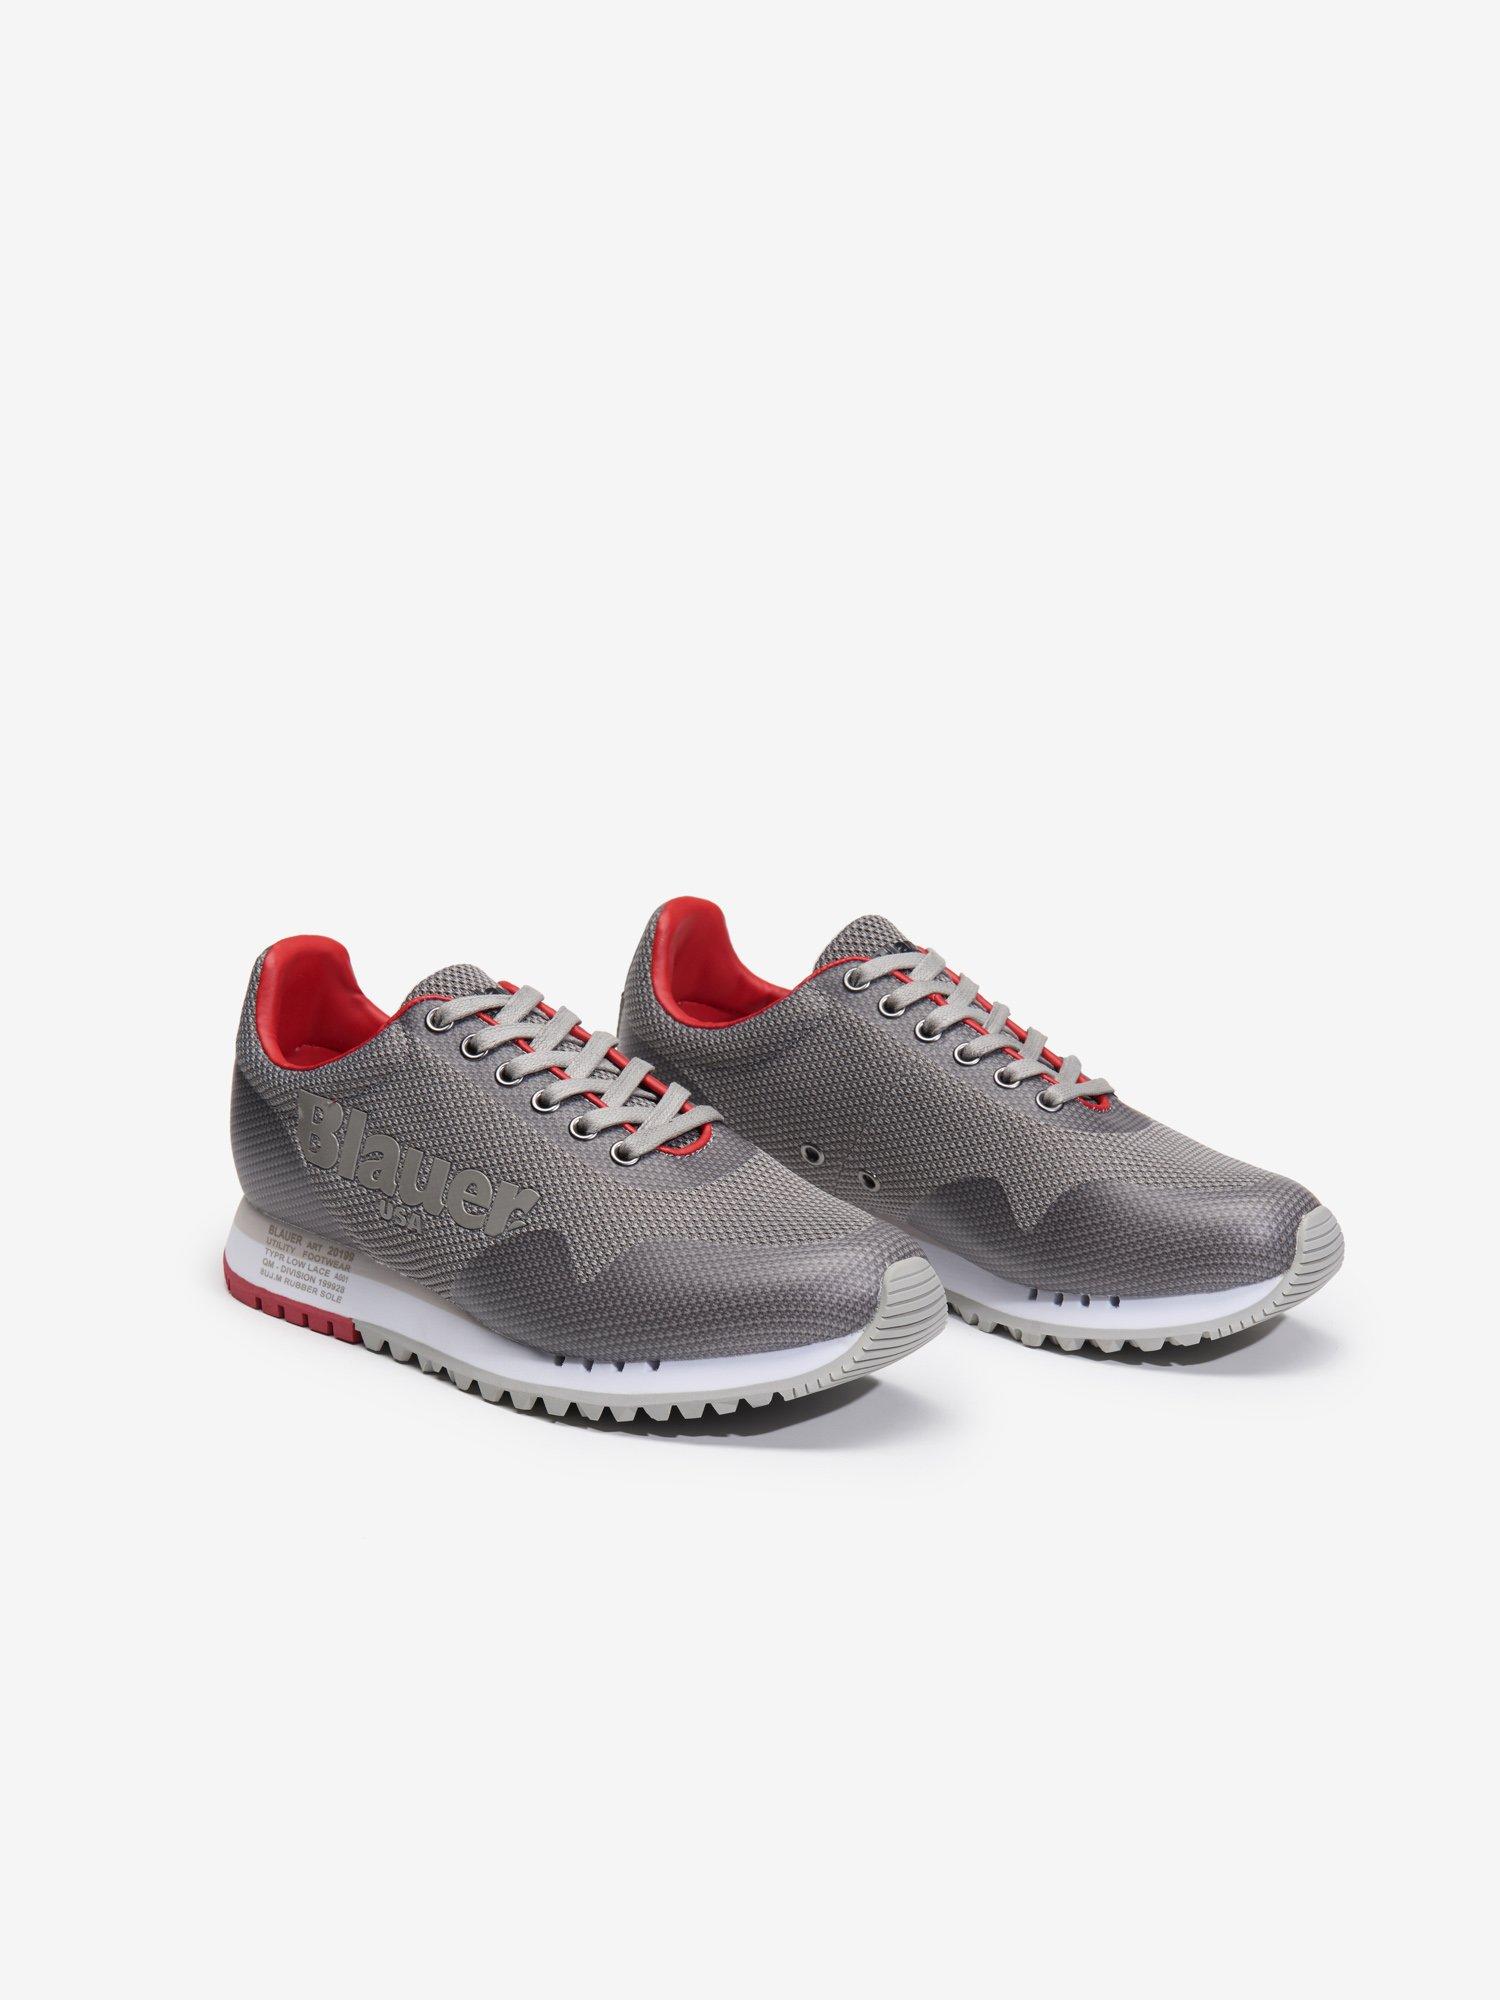 8d5c299d3a8b3 Best Collection of Shoes for Men - Shop Online | Blauer USA ®